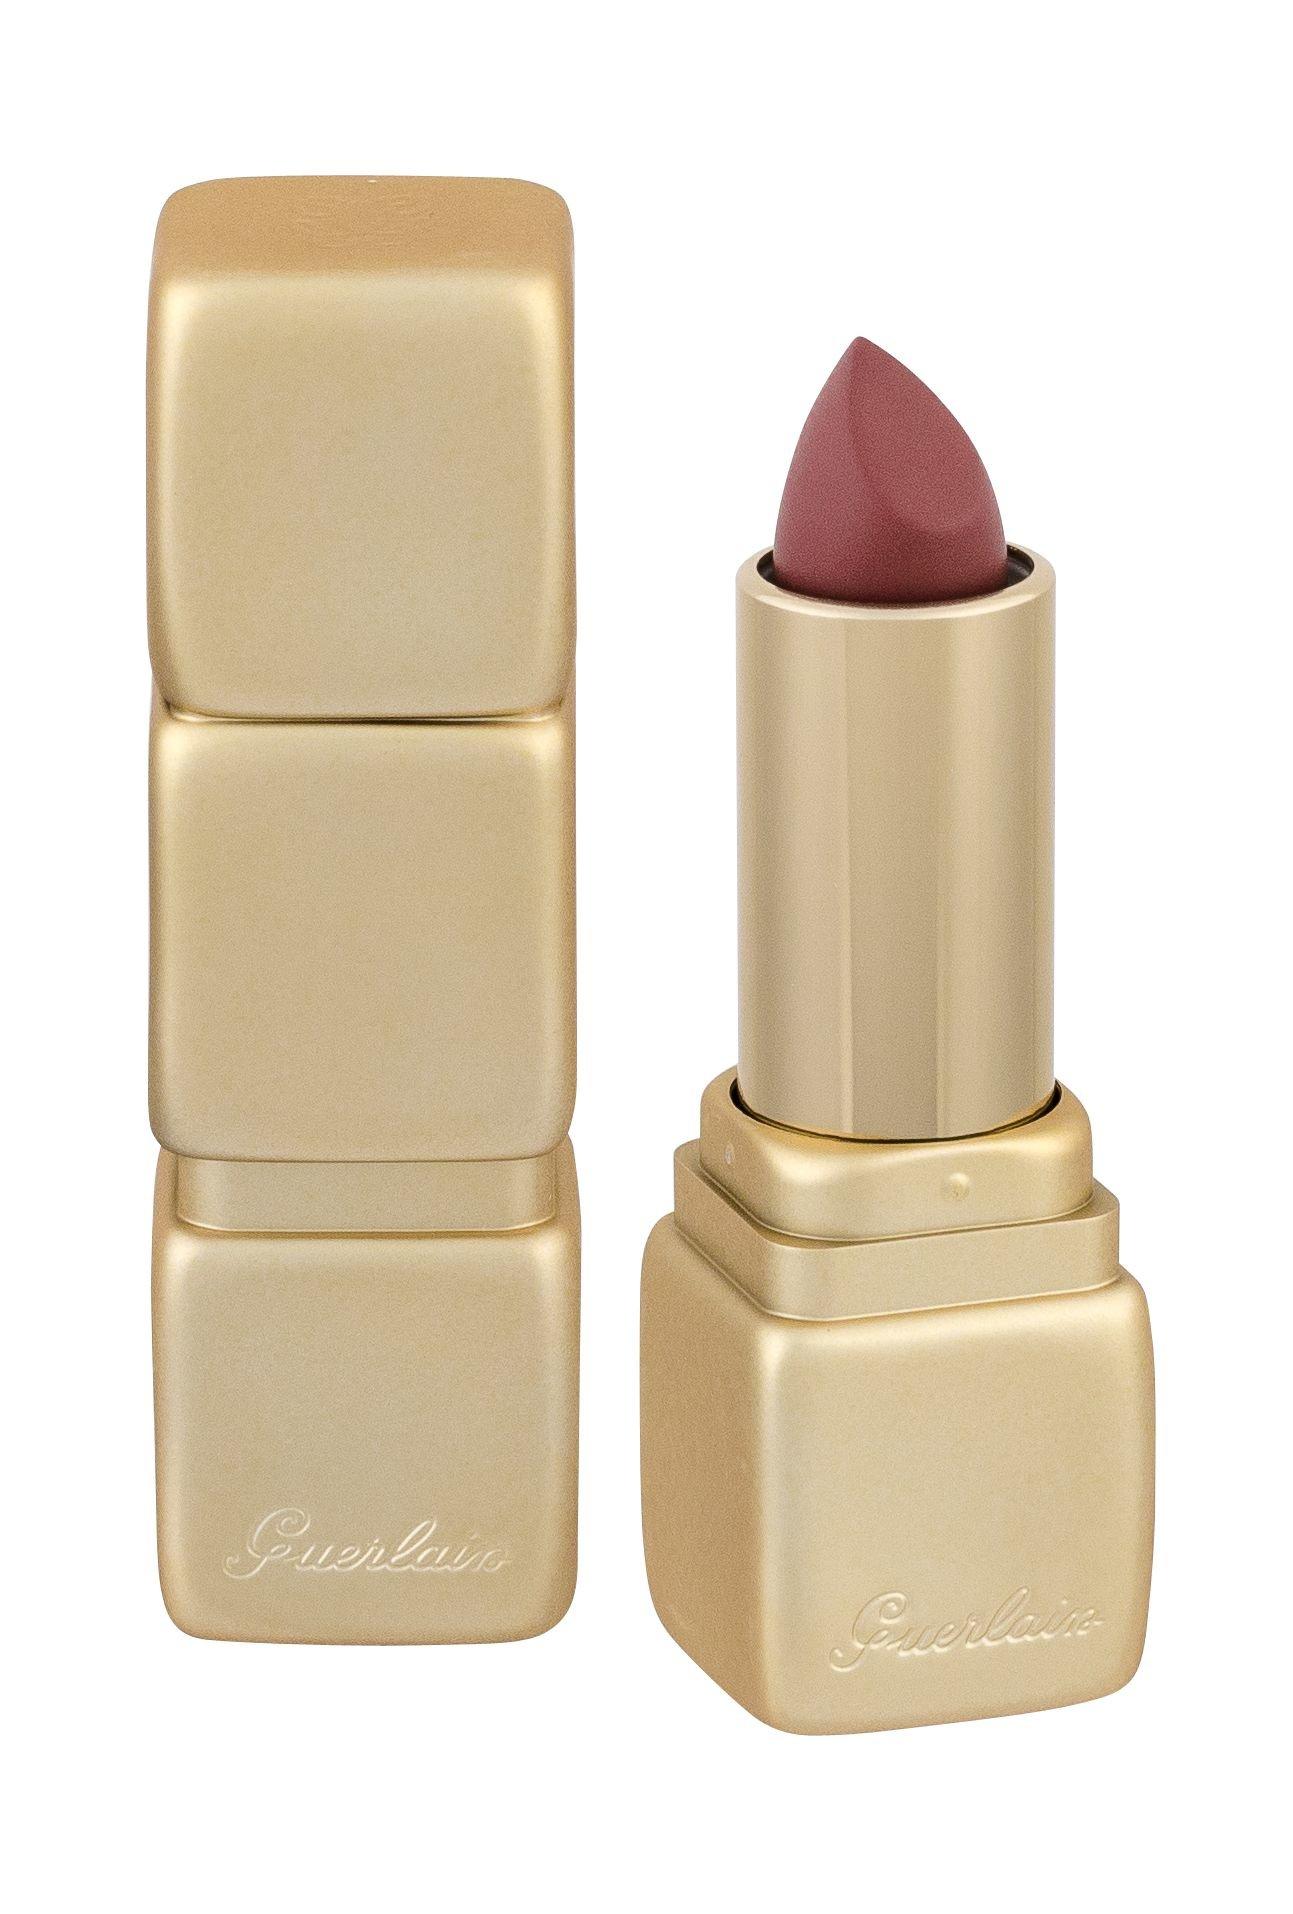 Guerlain KissKiss Lipstick 3,5ml M306 Caliente Beige